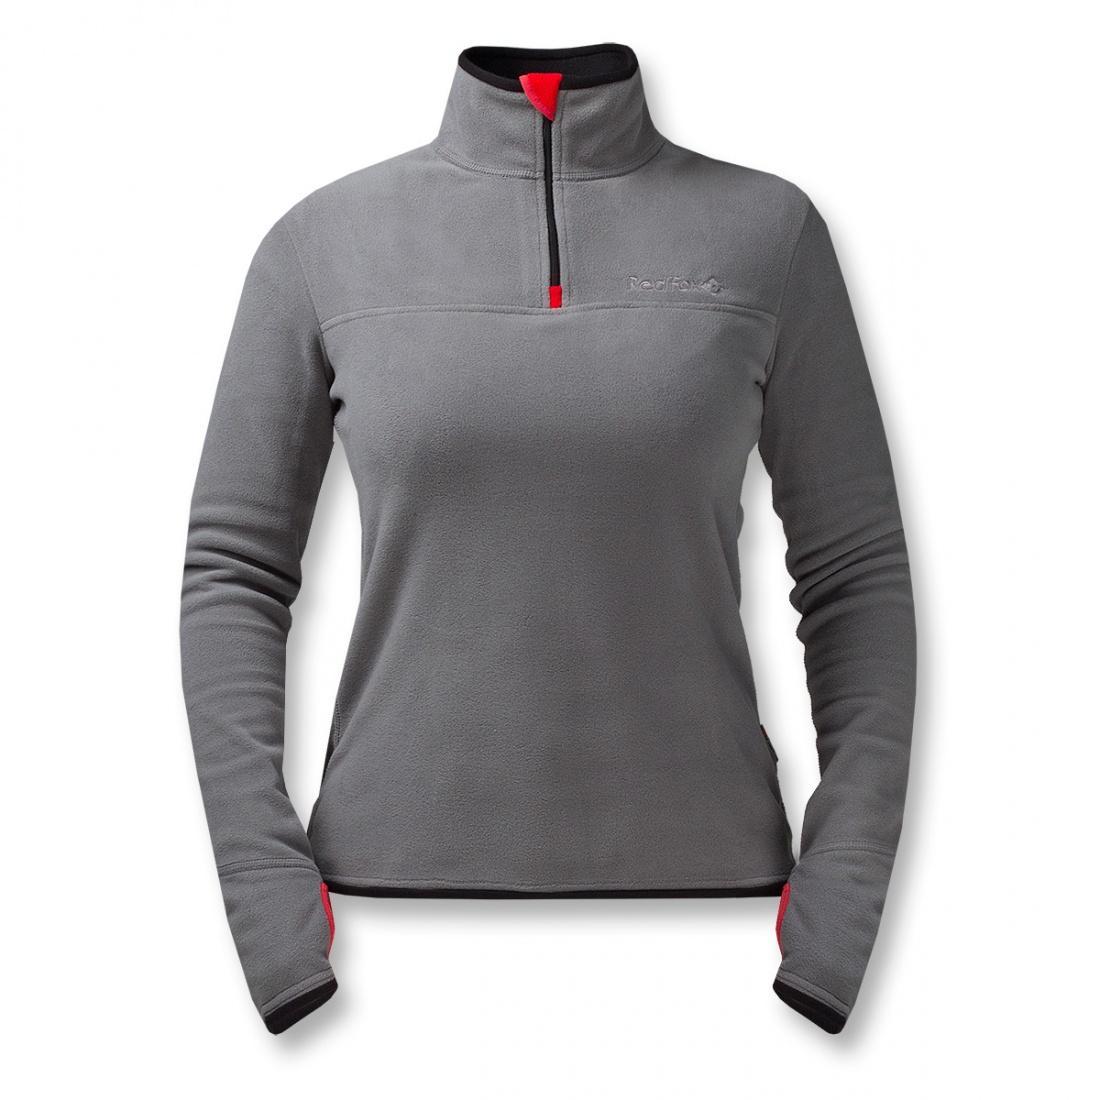 Термобелье пуловер Penguin 100 Micro ЖенскийПуловеры<br><br> Комфортный пуловер свободного кроя из материалаPolartec®Micro. Благодаря особой конструкции микроволокон, обладает высокими теплоизолирующимисвойствами и создает благоприятный микроклимат длятела. Может использоваться в качестве базового слоя&lt;br...<br><br>Цвет: Серый<br>Размер: 48